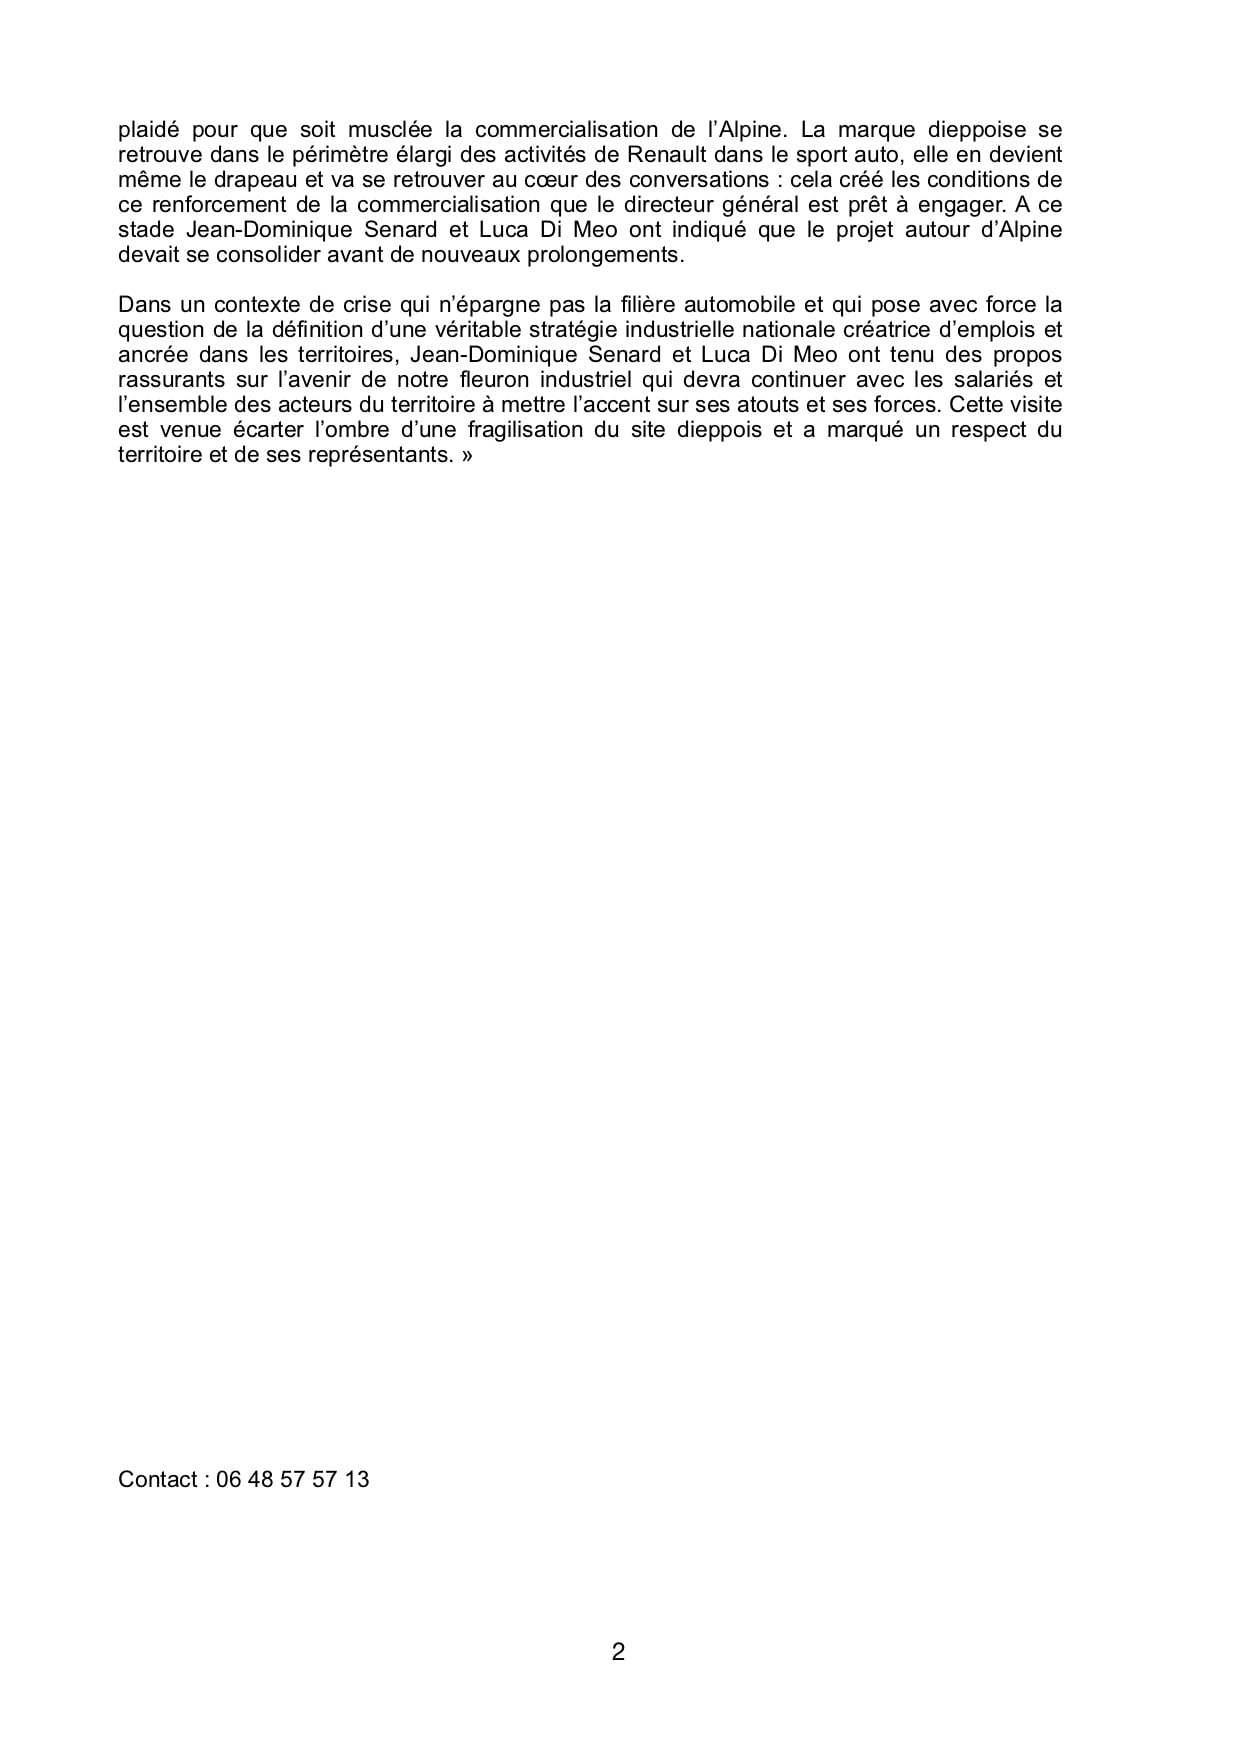 Compte rendu Sebastien Jumel 9 Septembre 2020 2 | Usine Alpine de Dieppe: la visite surprise de Luca De Meo